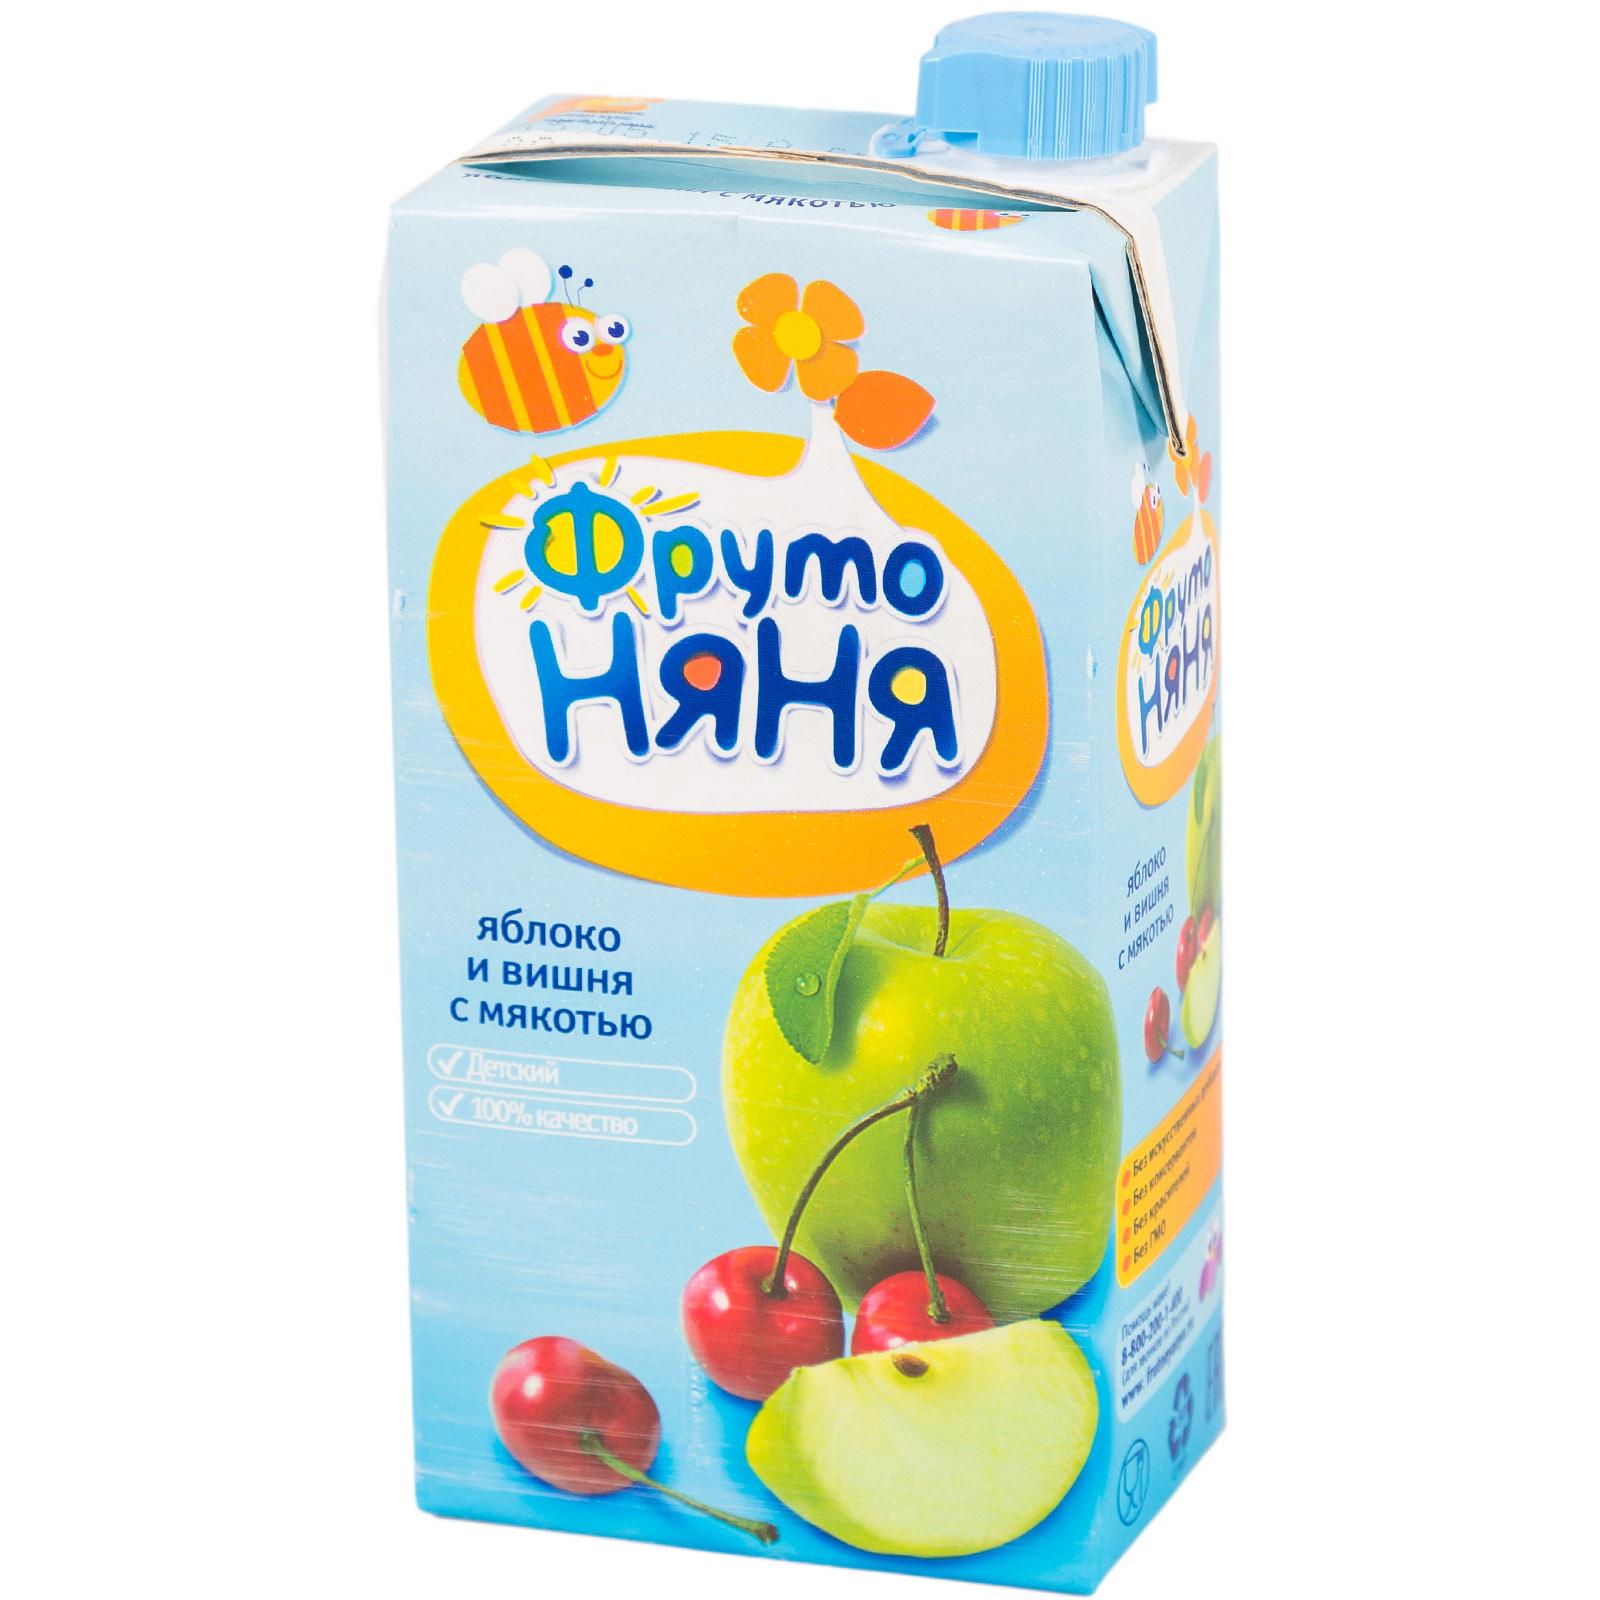 Сок Фрутоняня 500 мл Яблочно-вишневый с мякотью (с 3 лет)<br>